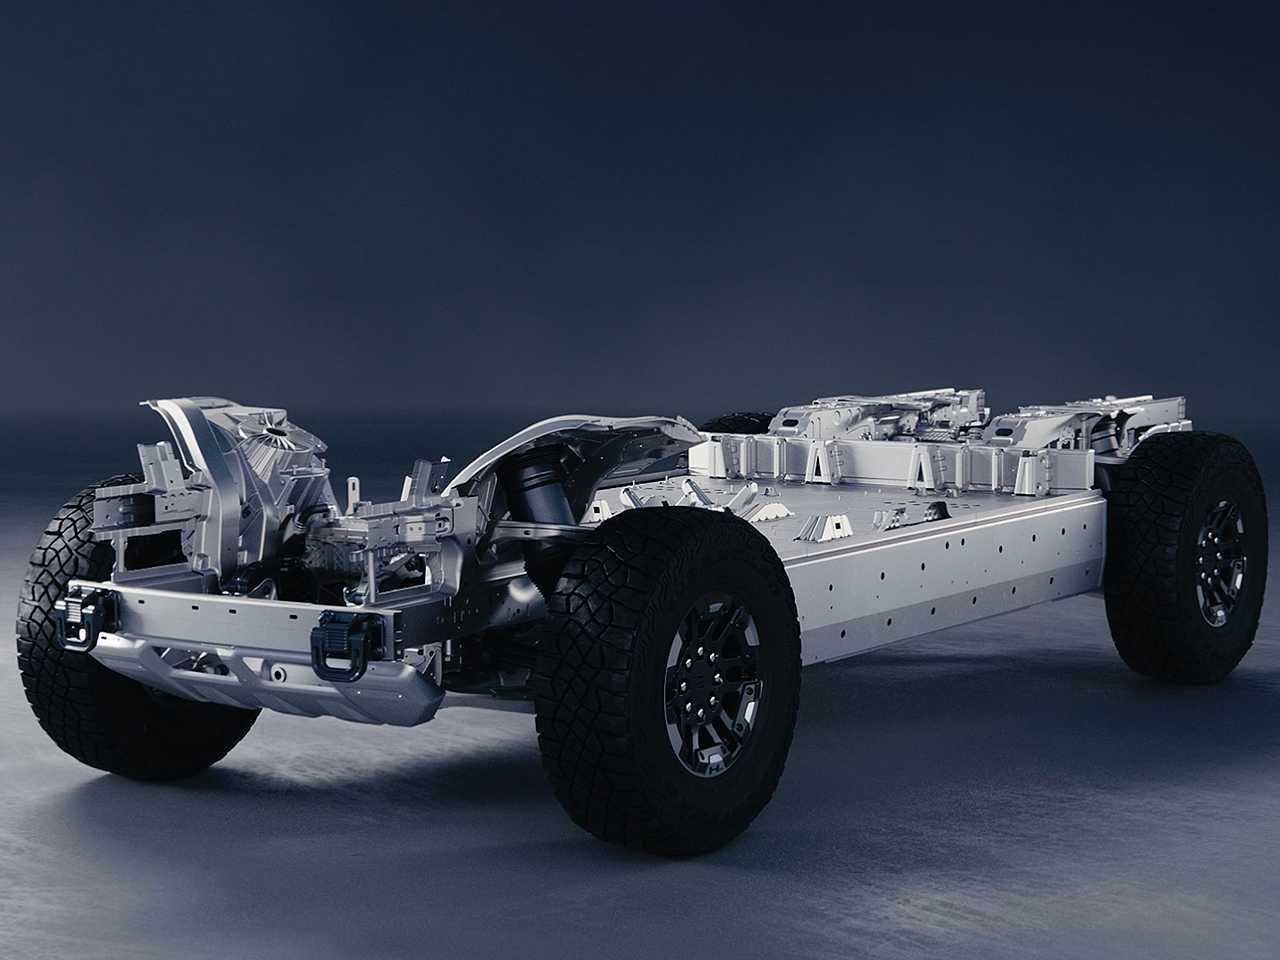 Em um carro moderno, semicondutores estão presentes nos sistemas de infoentretenimento, segurança, entre outros